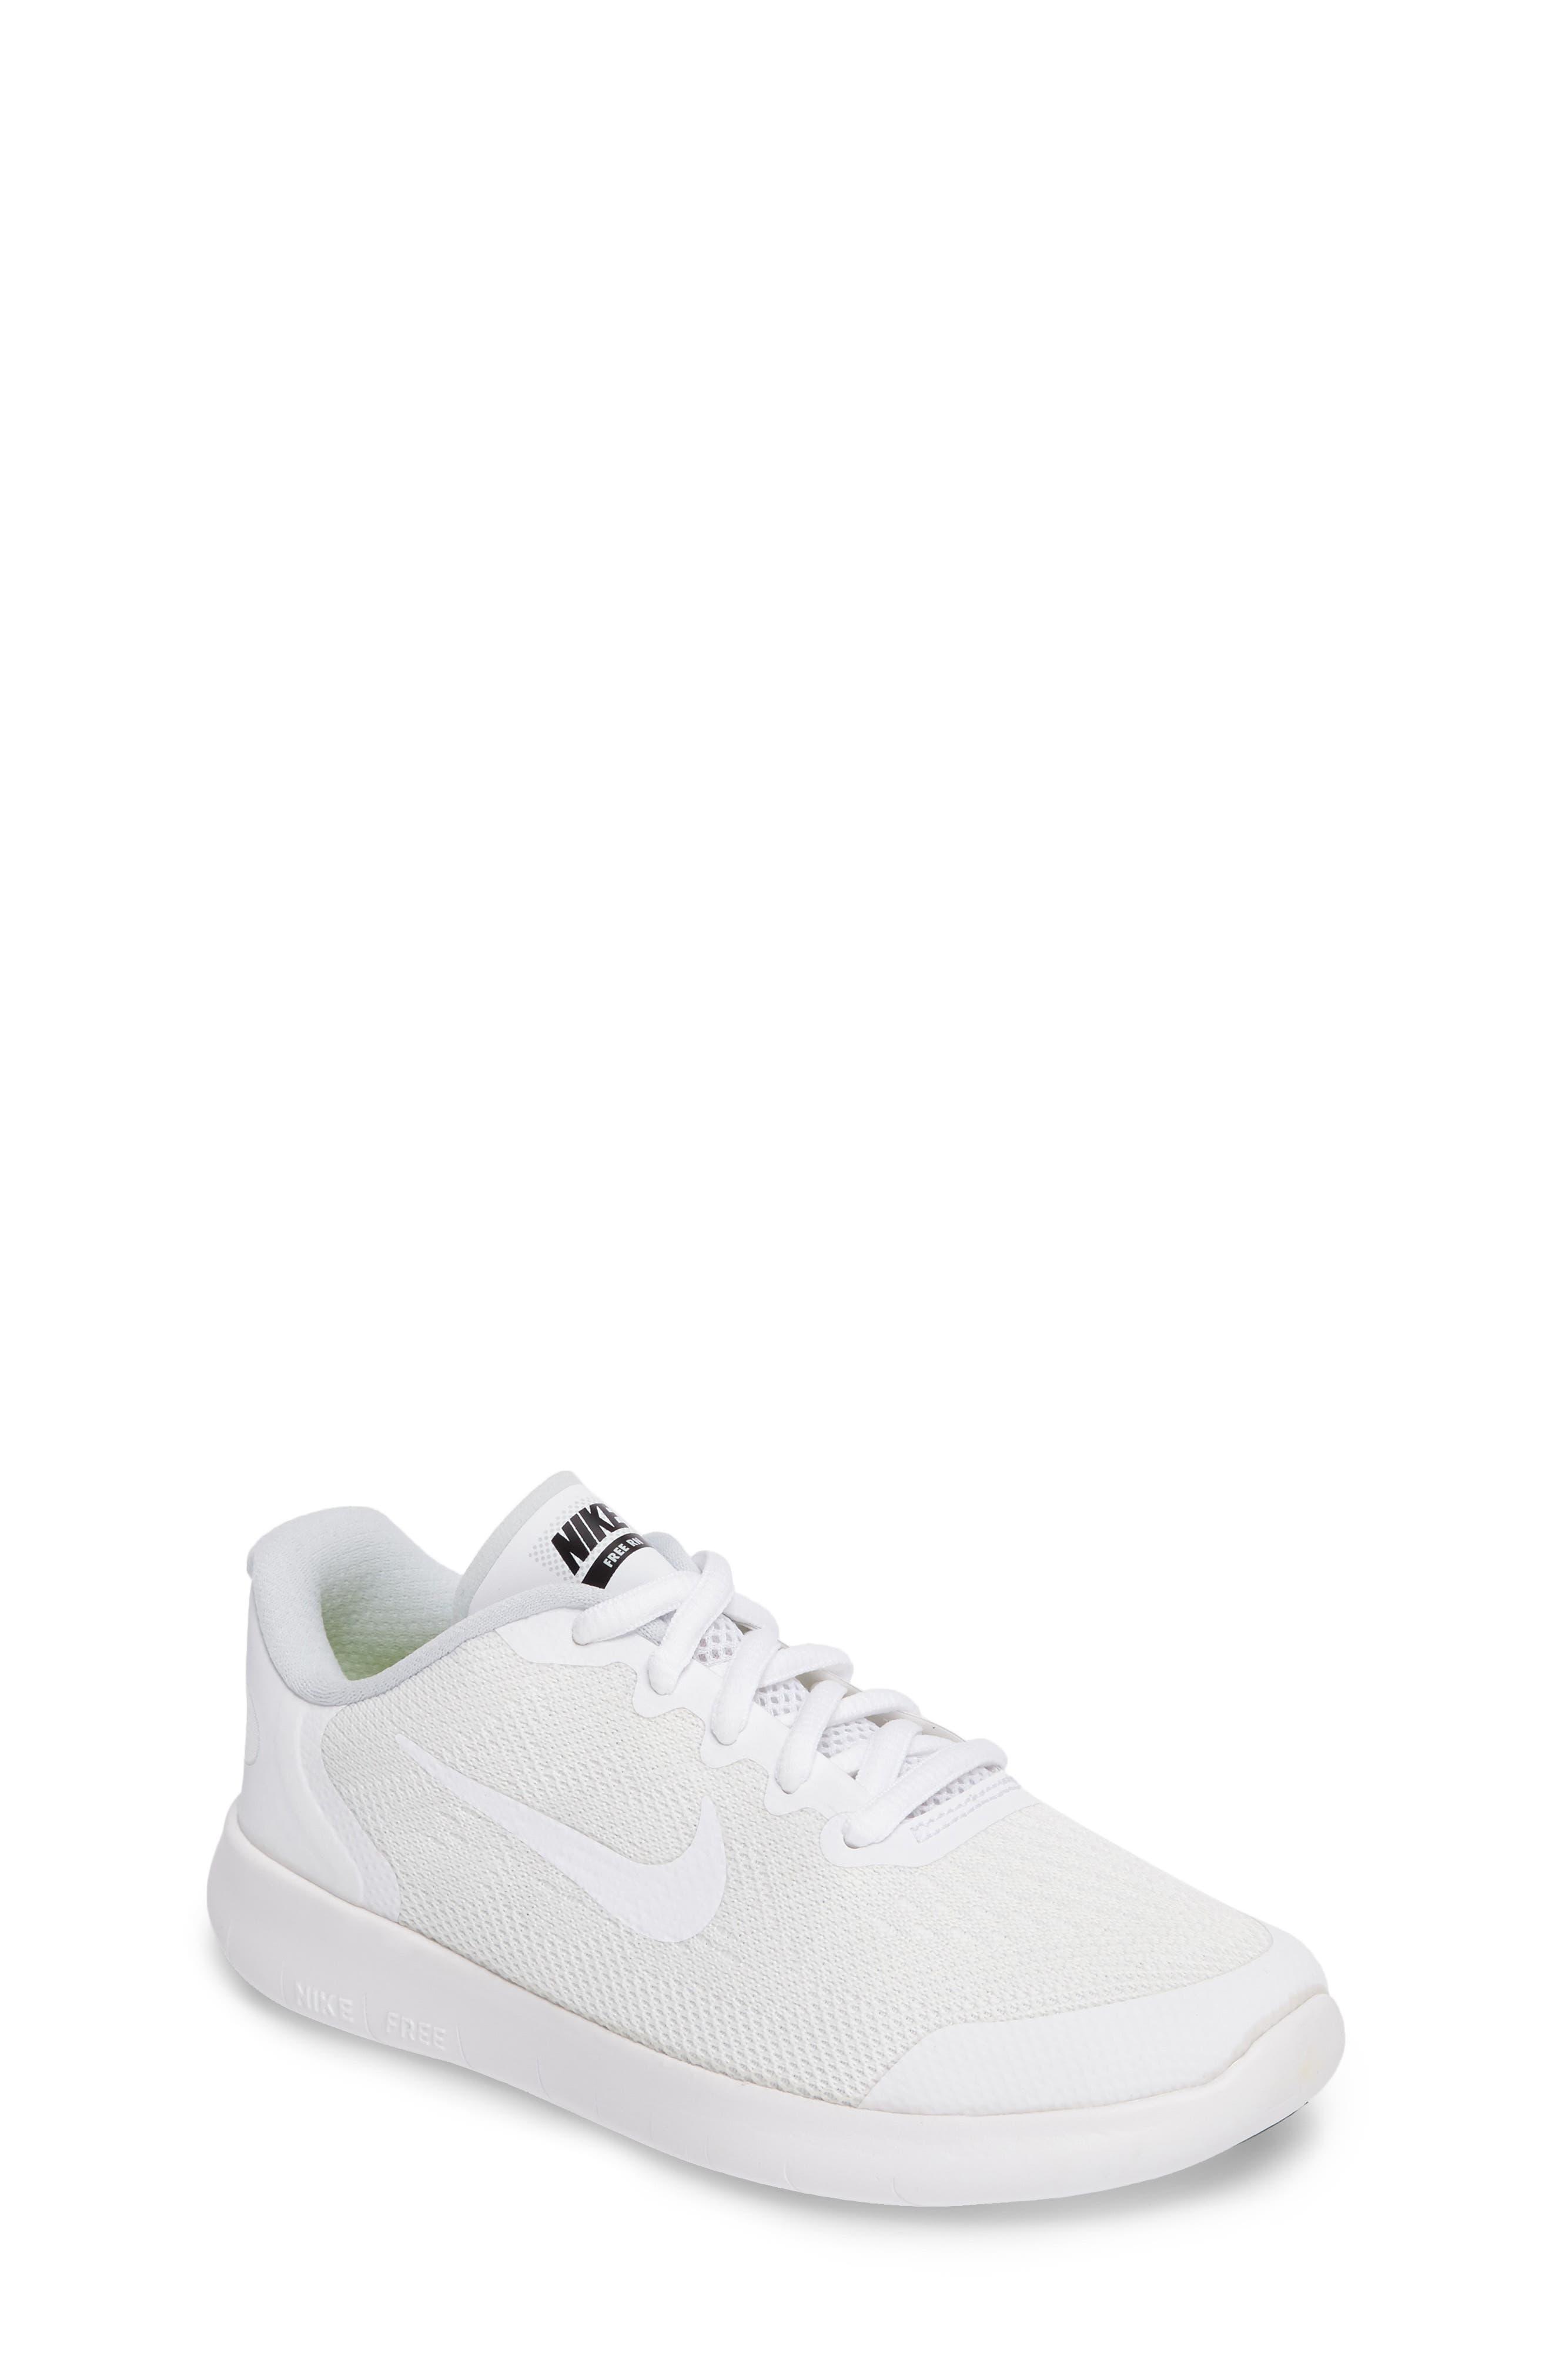 Main Image - Nike Free RN Running Shoe (Toddler, Little Kid & Big Kid)